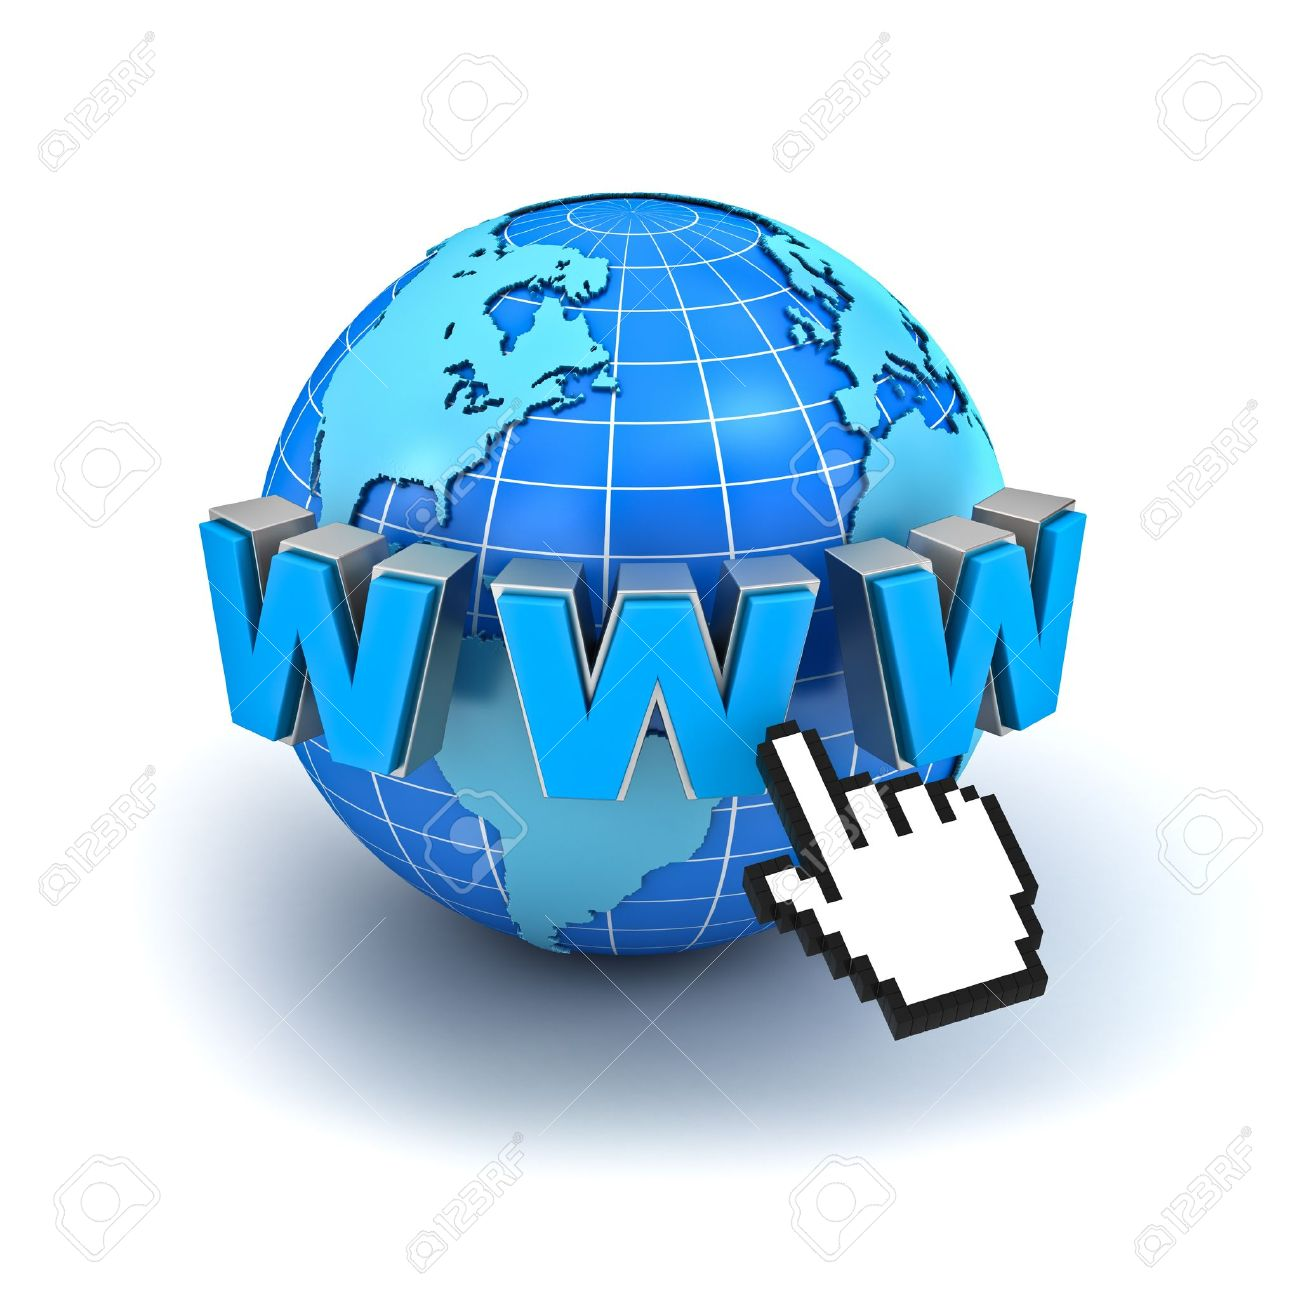 インターネット ワールド ワイド ウェブの概念 www テキストと